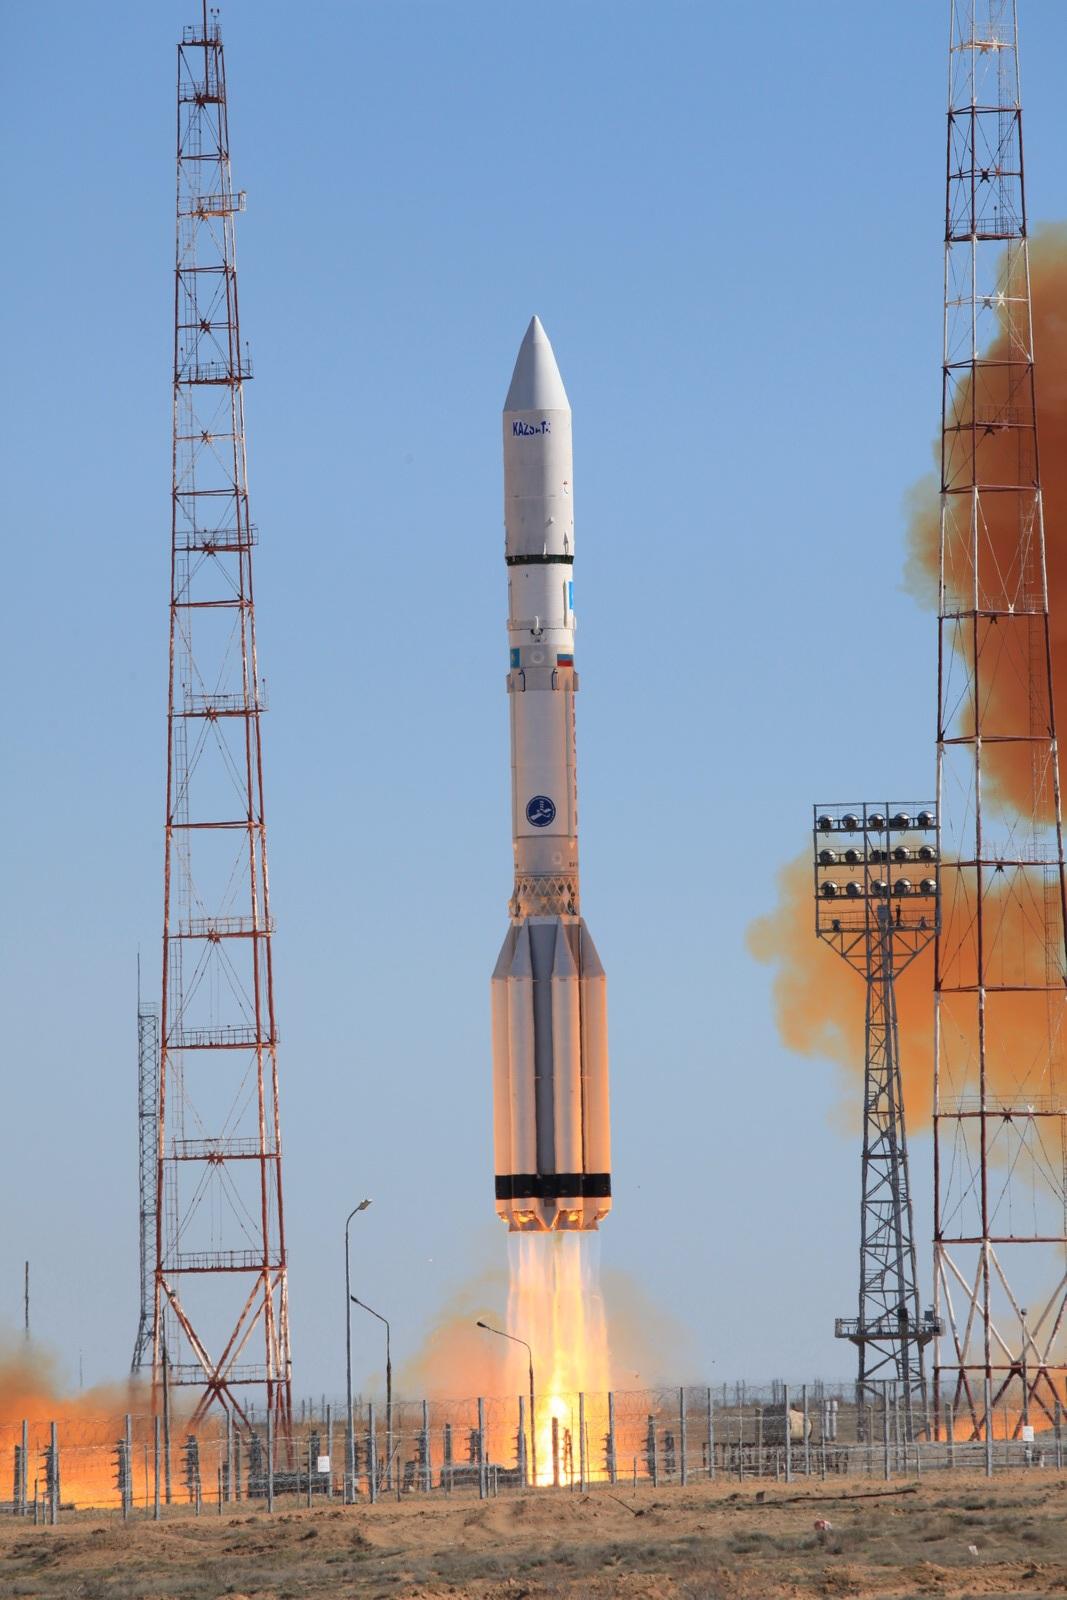 Luch 5 - KazSat 3